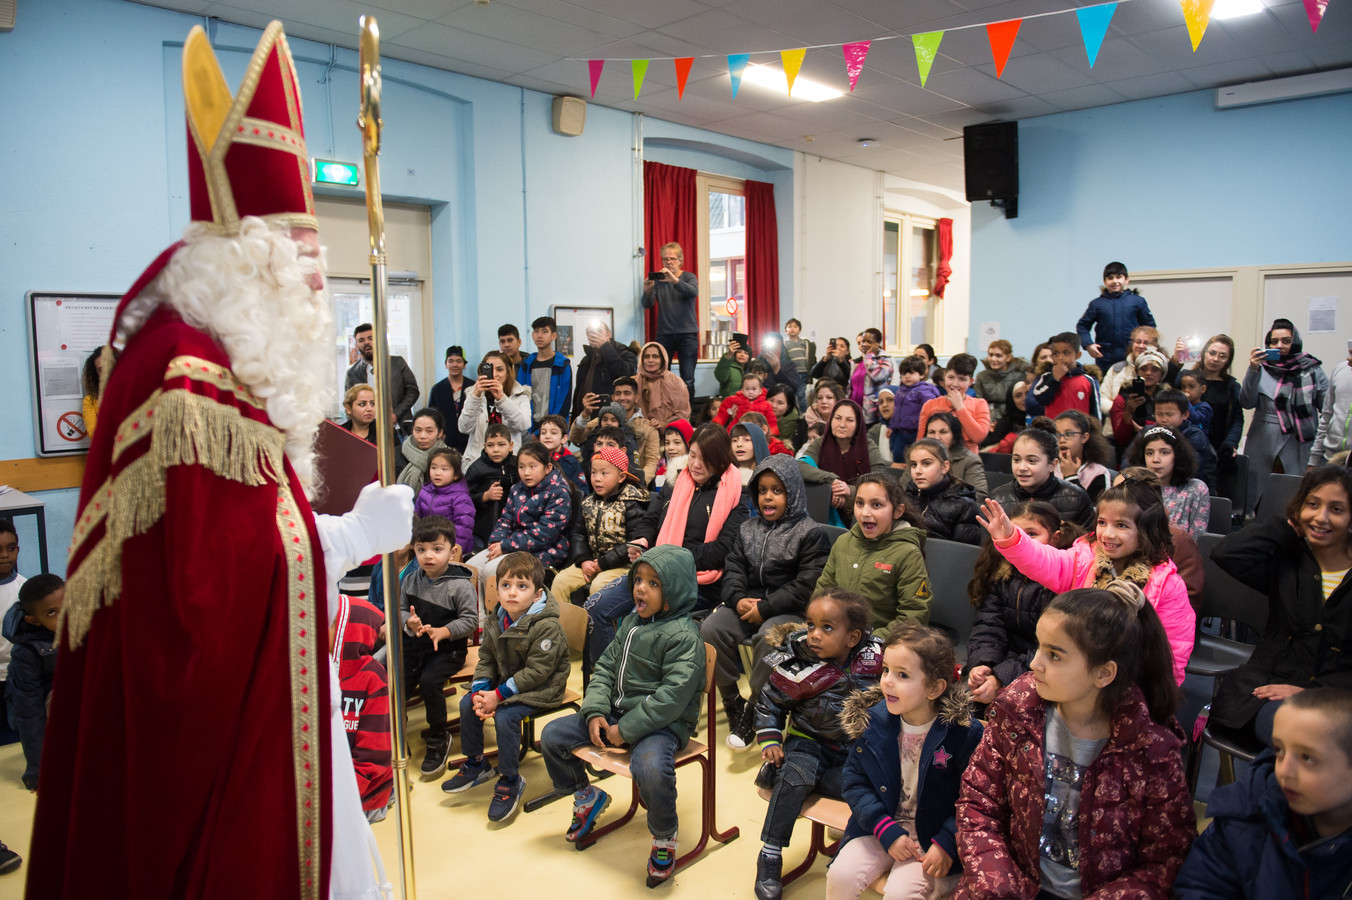 De kinderen genieten van een voorstelling en van Sinterklaas. Foto René Schotanus/Pix4Profs